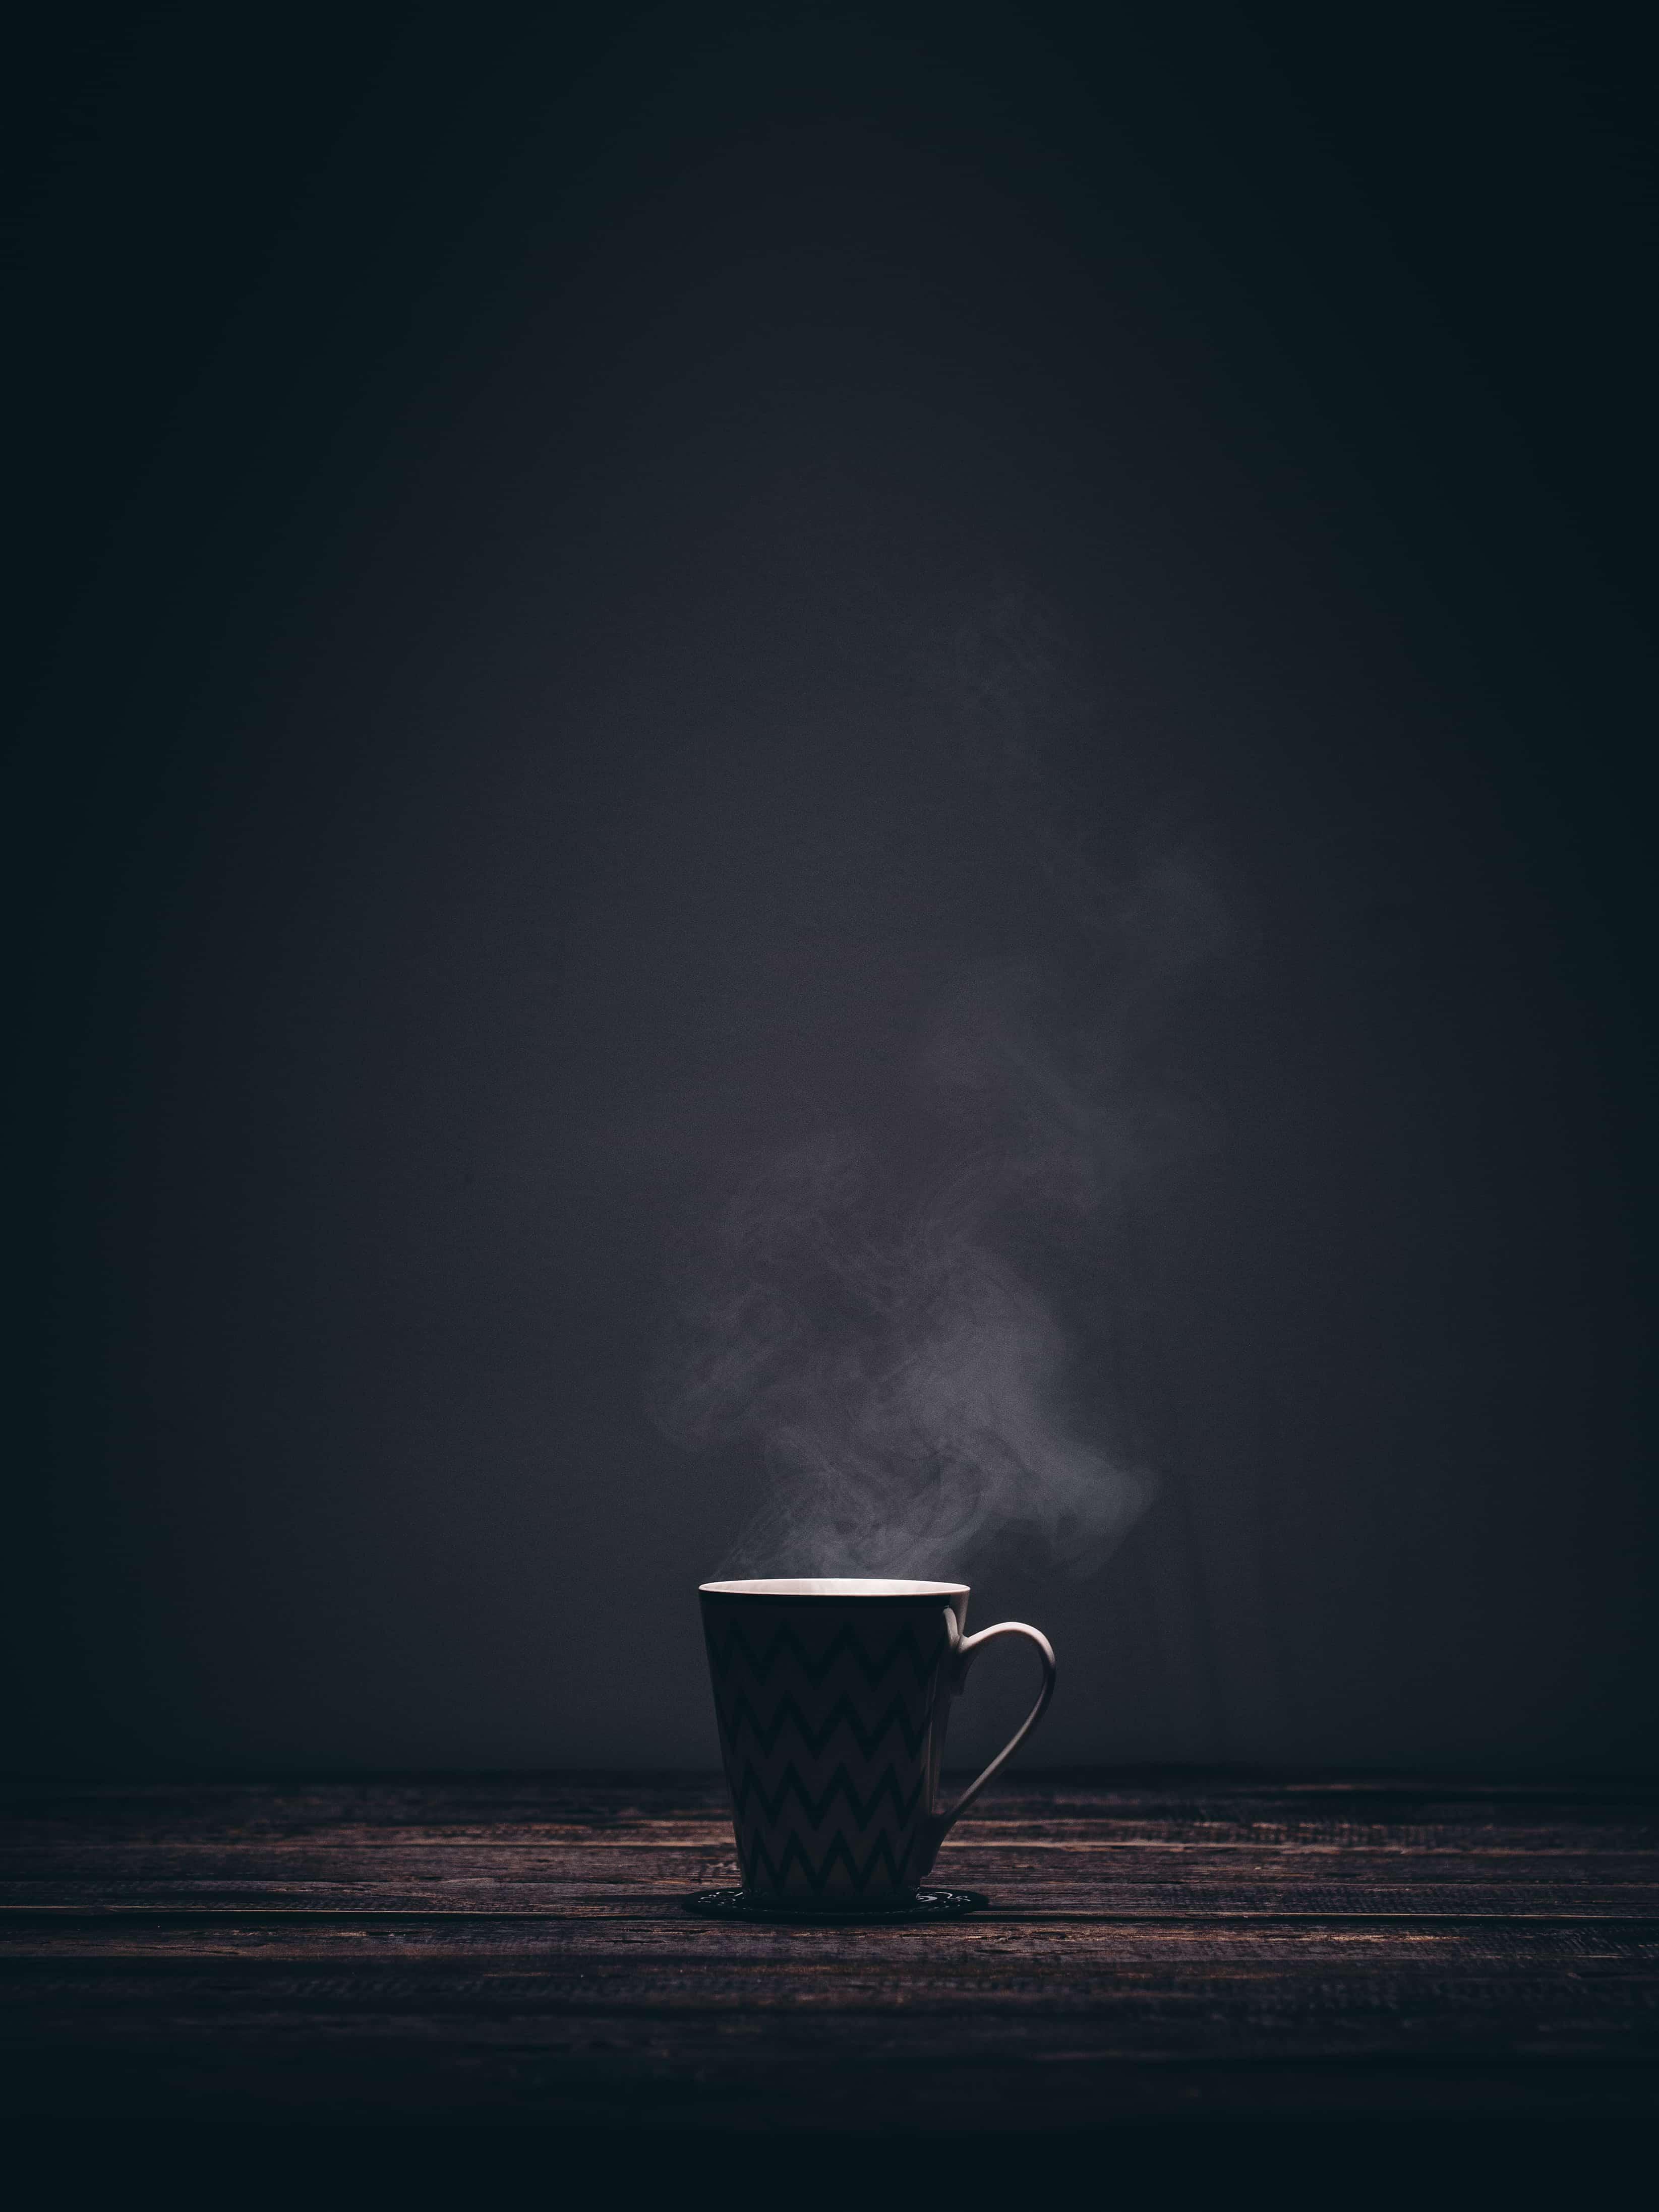 闇に湯気を放つコーヒー